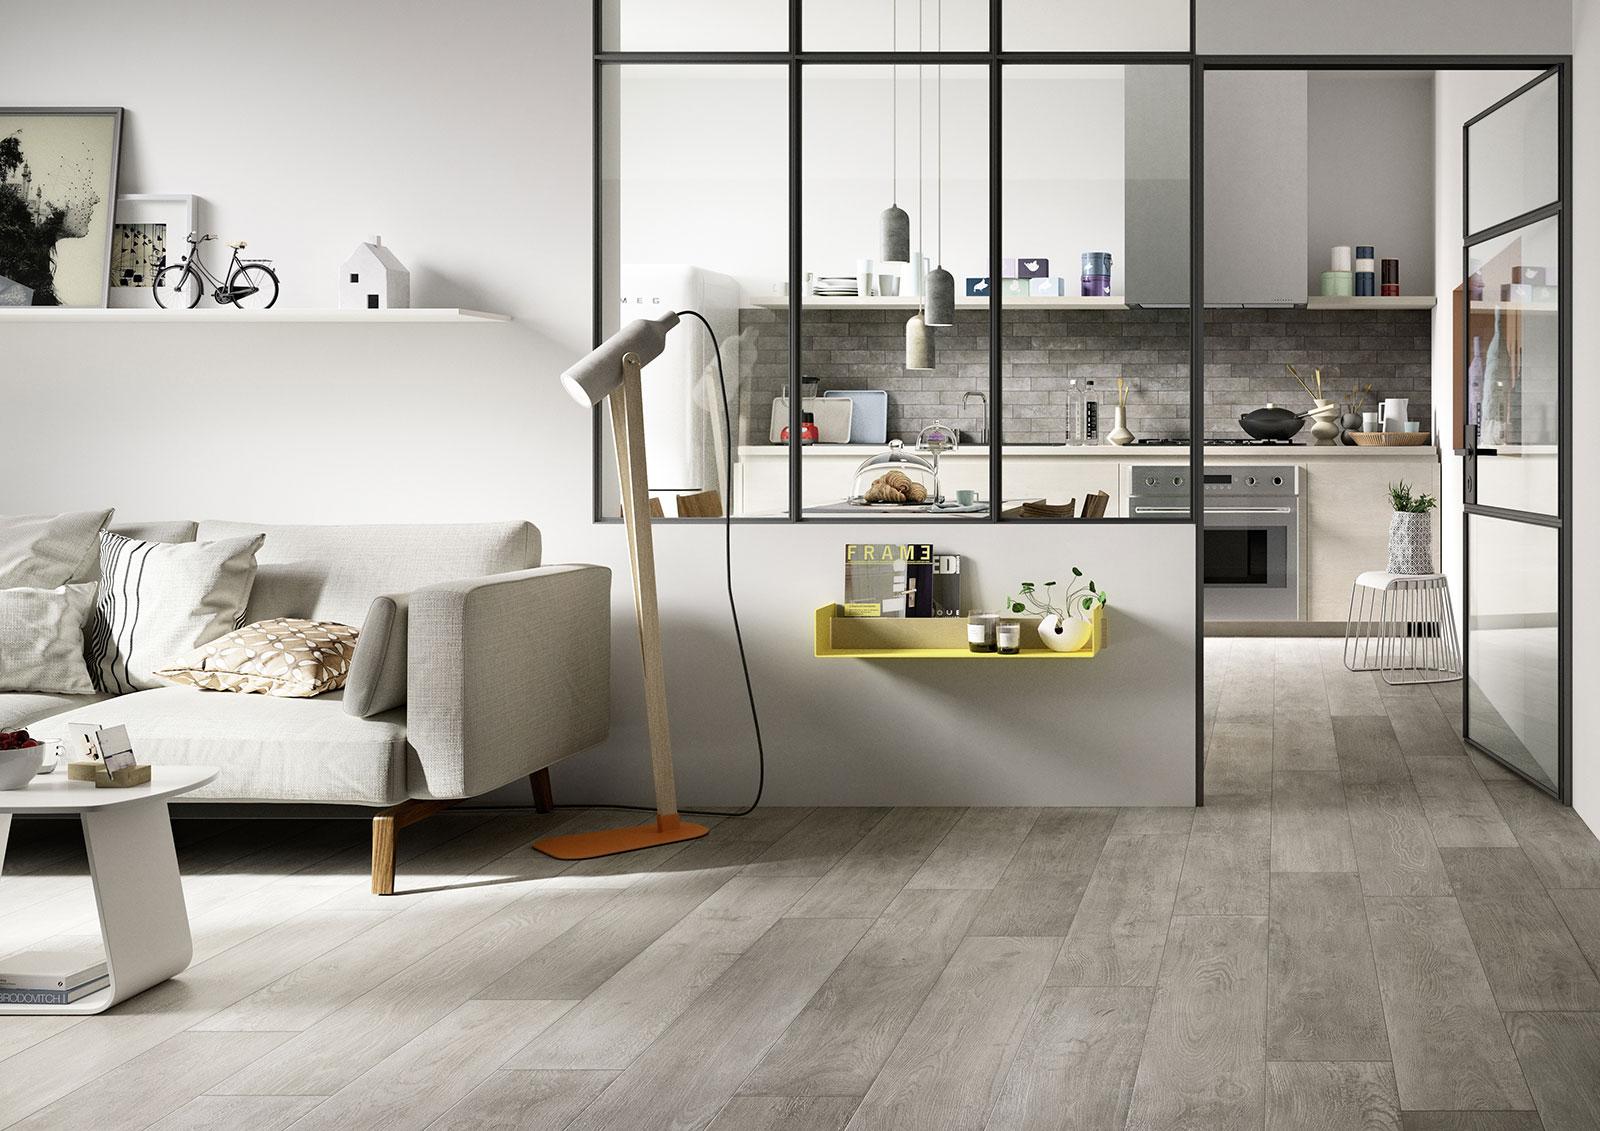 Piastrelle cucina idee in ceramica e gres marazzi for Pavimenti per cucina e soggiorno